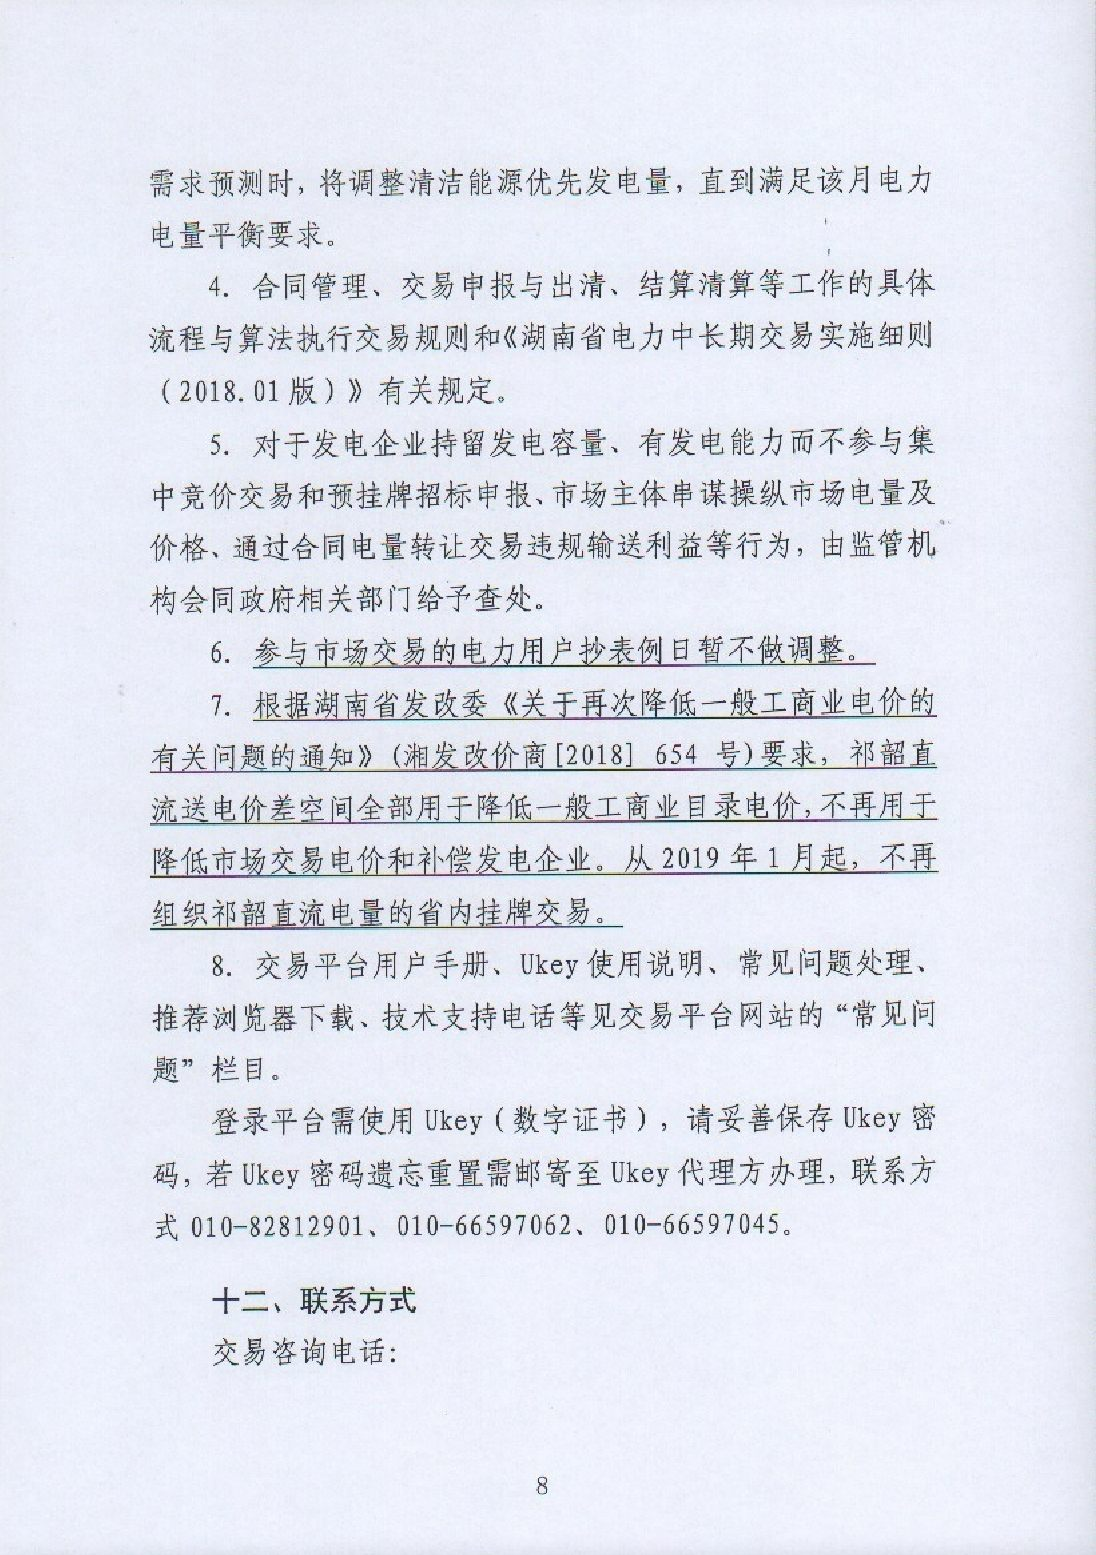 湖南電力交易中心有限公司關于2019年3月電力市場交易的公告.pdf_page_8_compressed.jpg